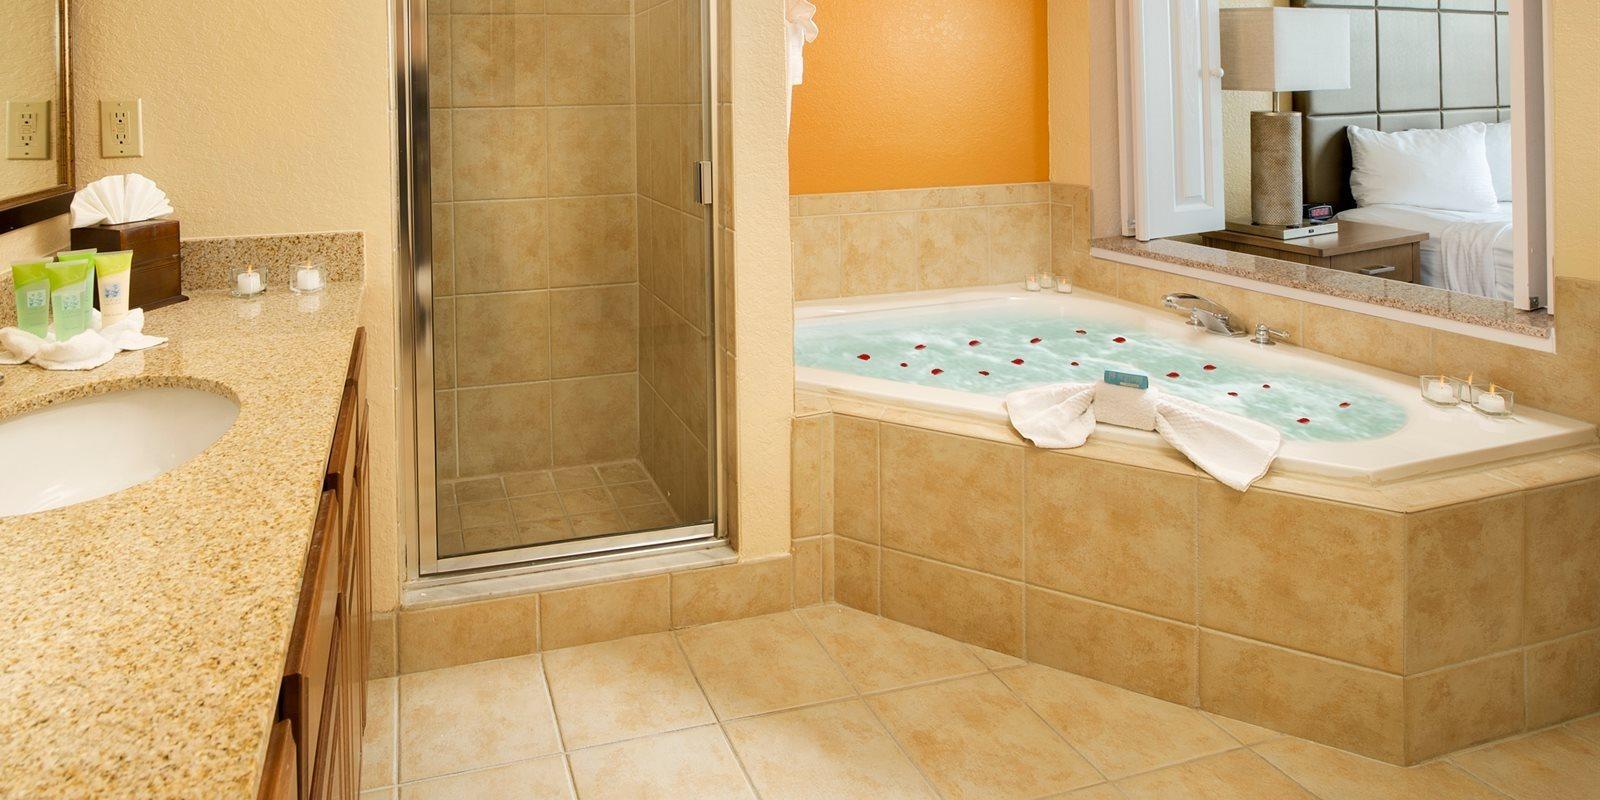 Three Bedroom Suites In Orlando Floridays Resort Orlando